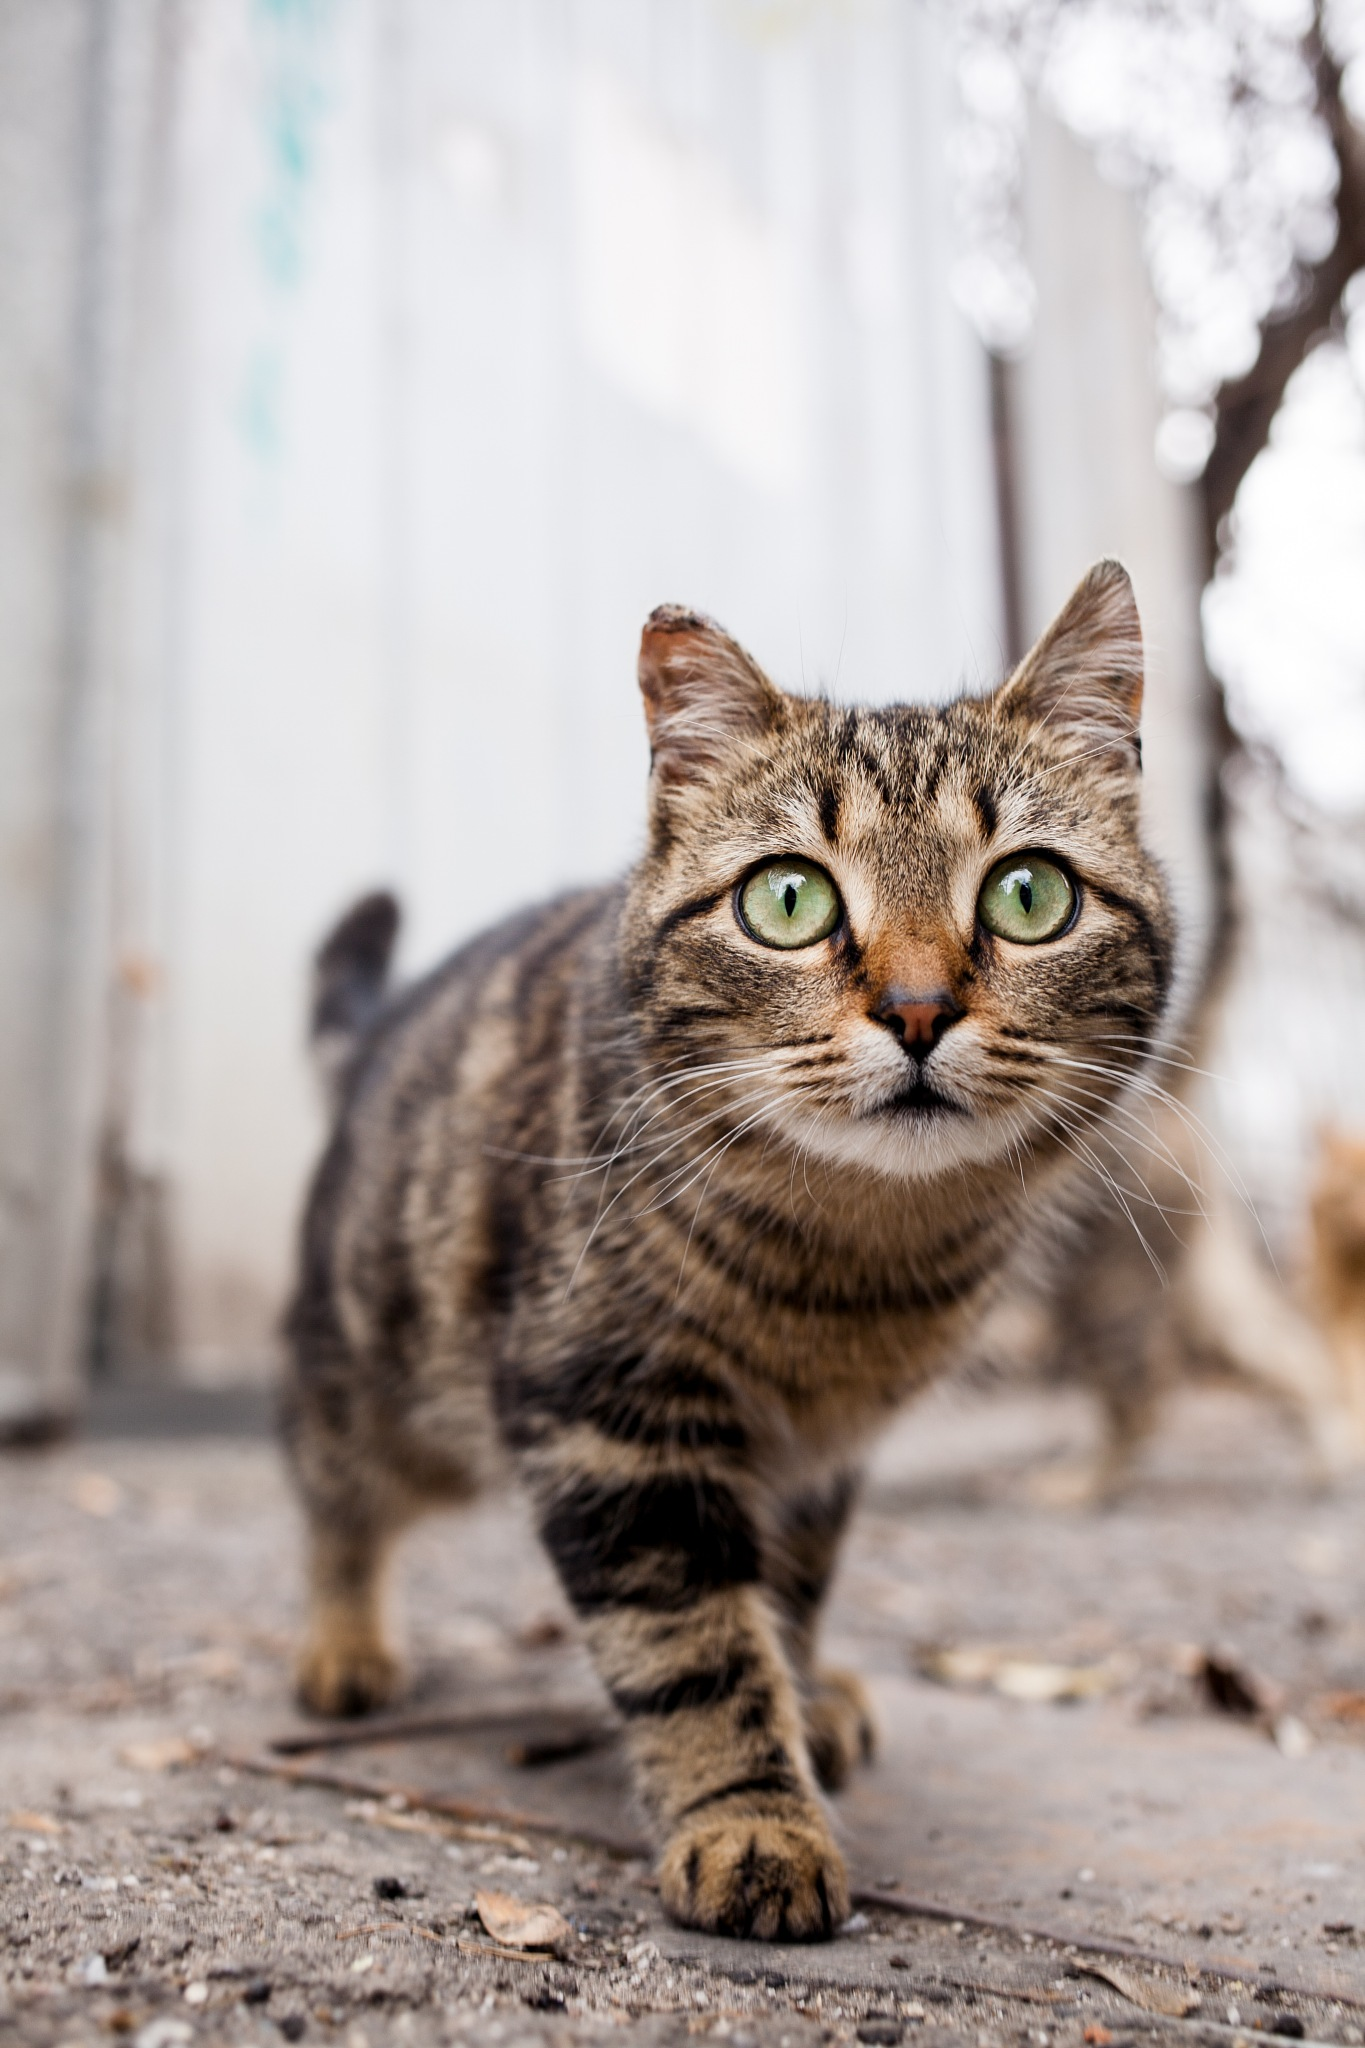 Cat Eyes by Yaroslav Boshnakov